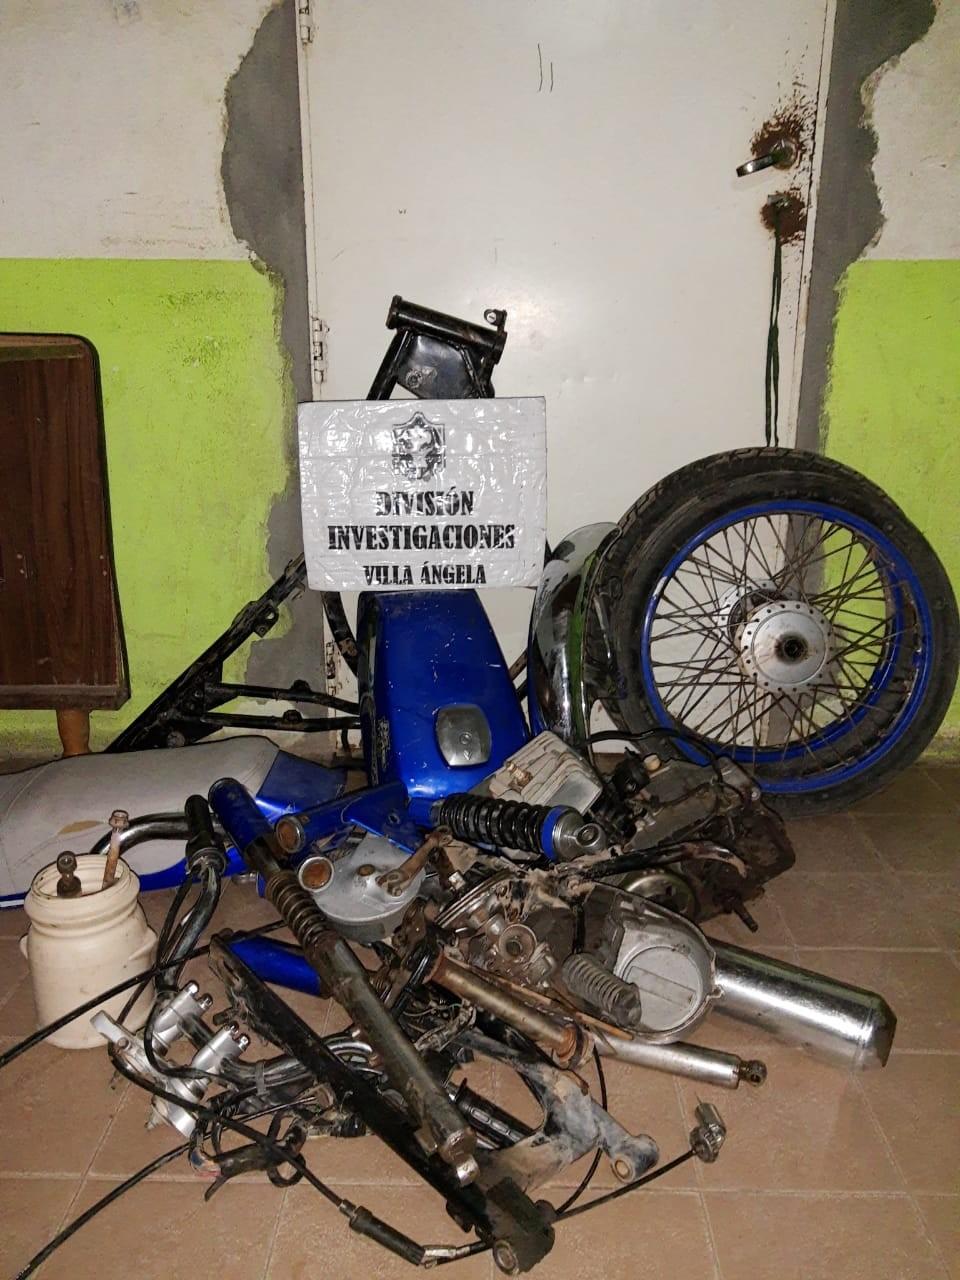 Villa Ángela: RECUPERAN MOTOPARTES ROBADAS POR DOS MENORES DE EDAD